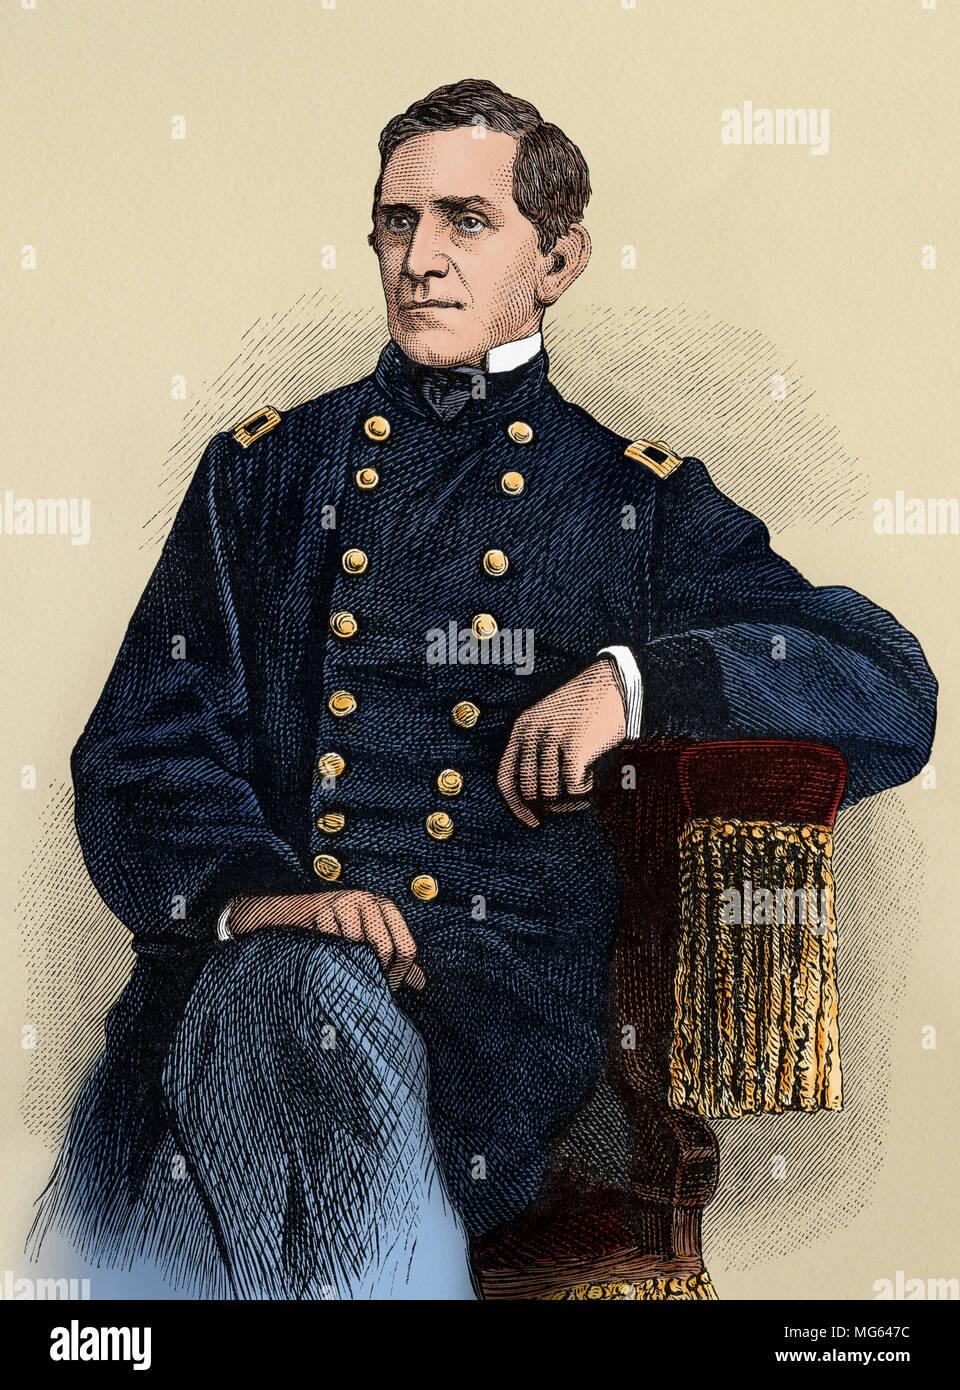 Le Major-général de l'Armée de l'Union Edward Sprigg Canby. Gravure sur bois couleur numérique Photo Stock